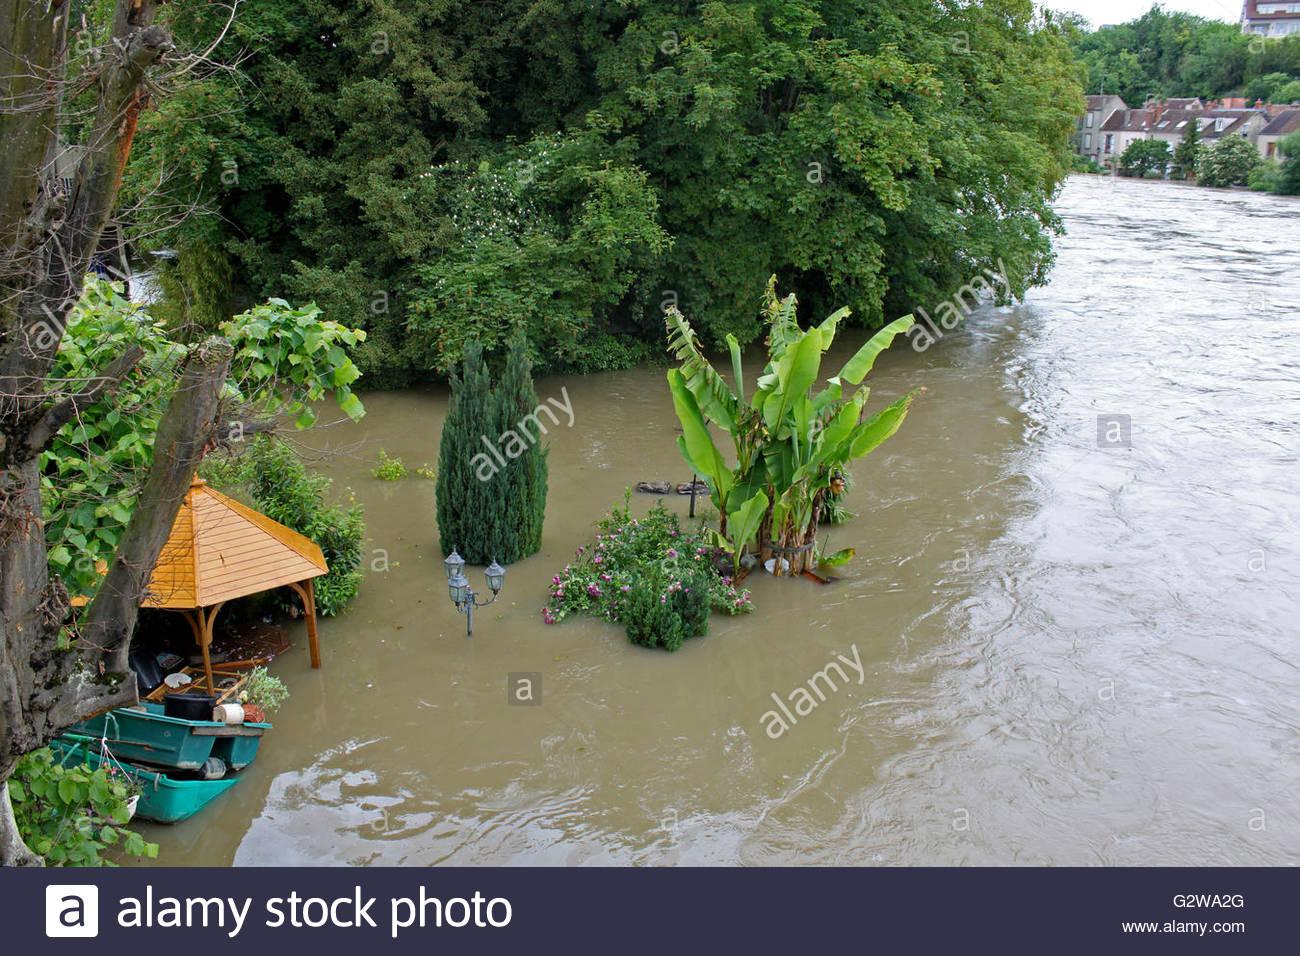 Ile de France, Nemours, flood, June 1st, 2016 - Stock Image